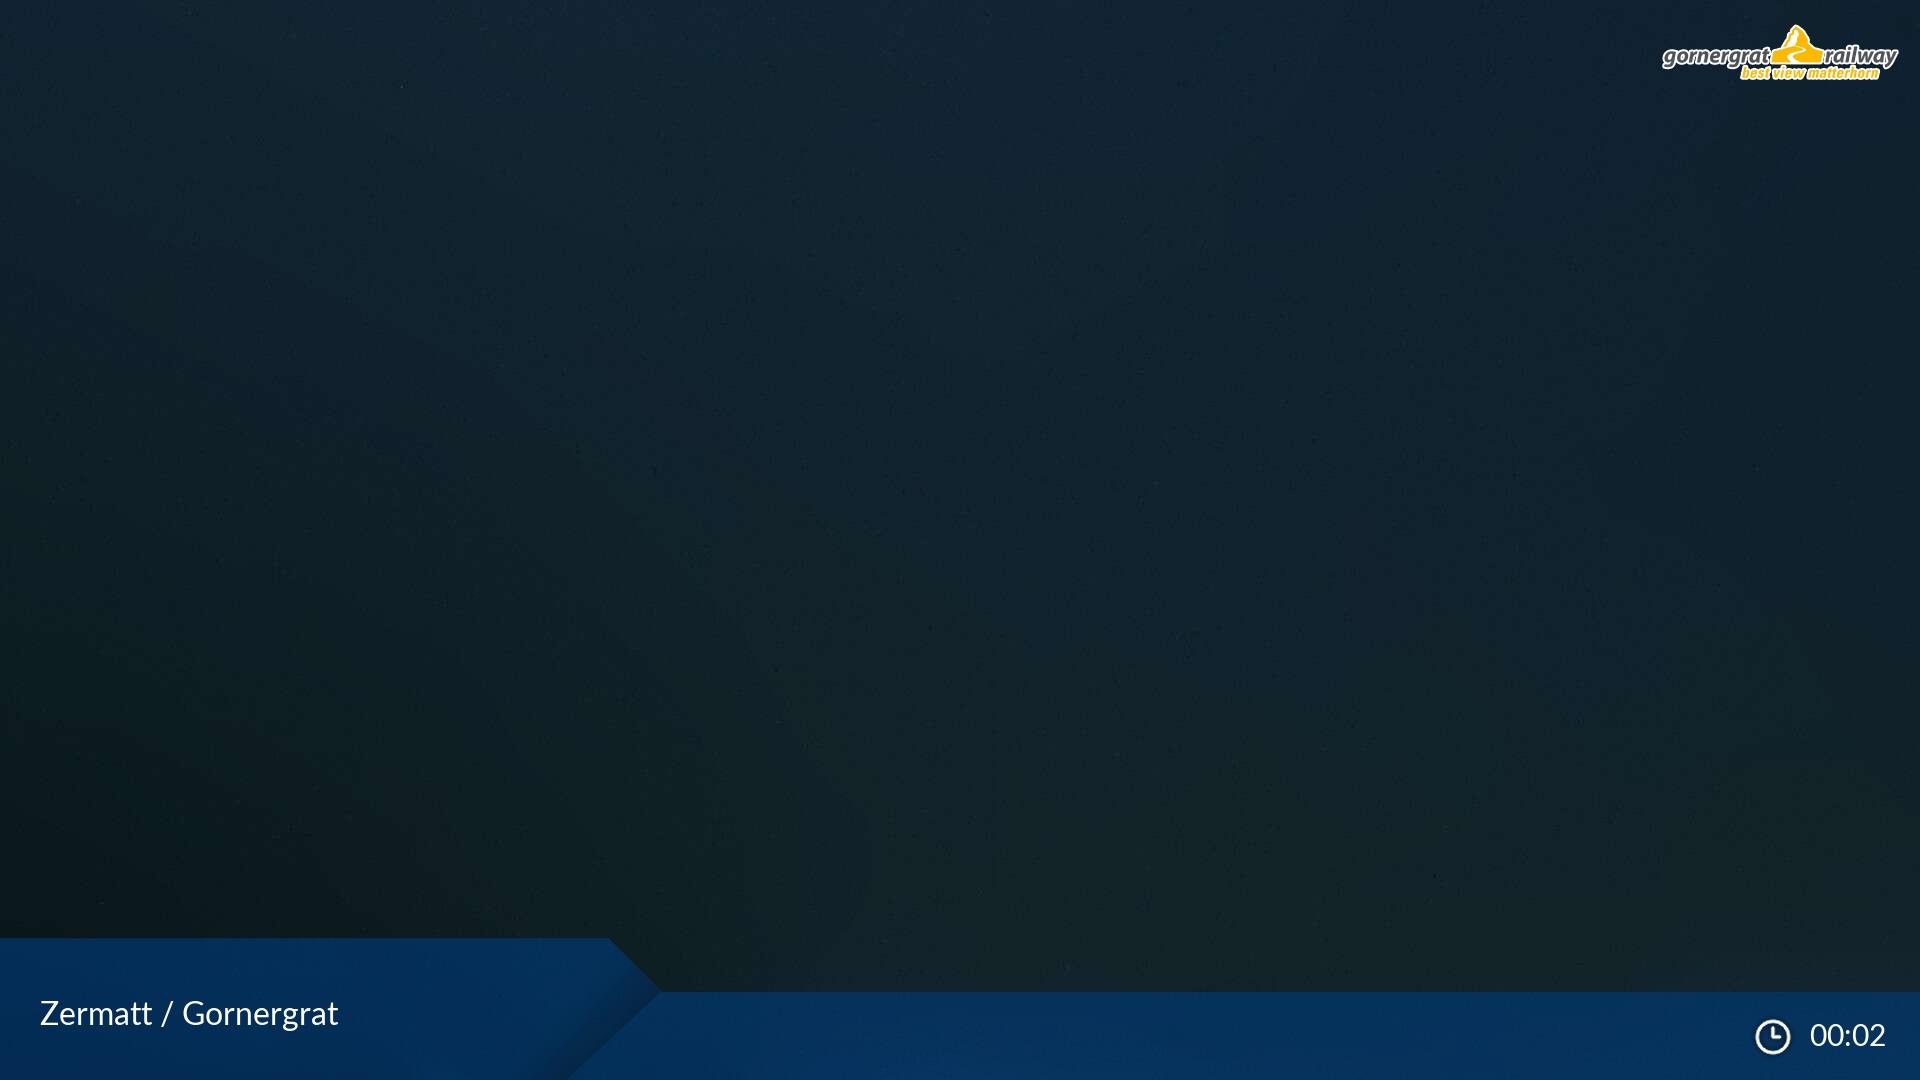 Zermatt matterhorn 4478mtr